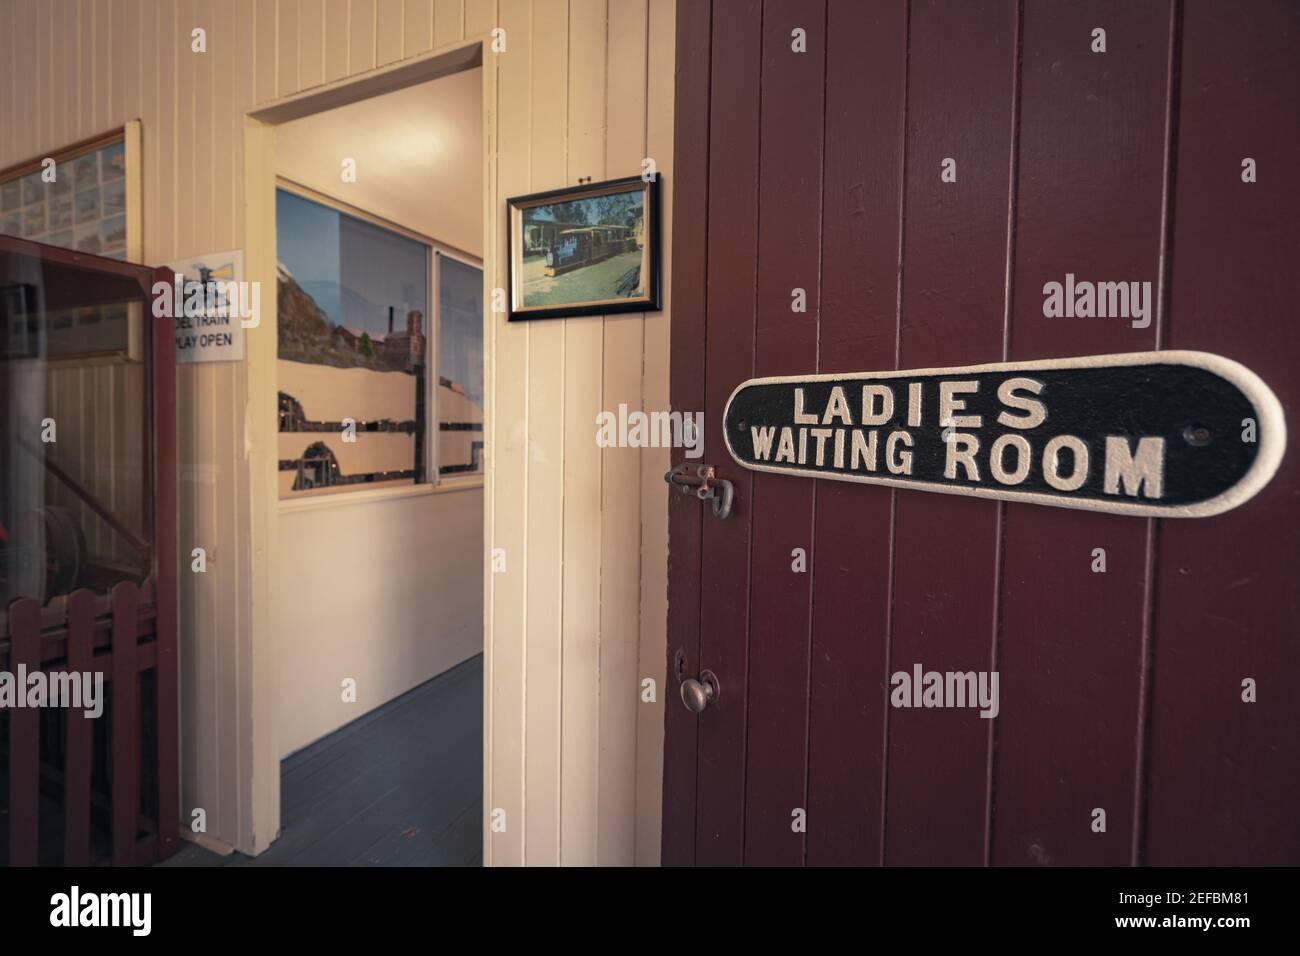 Panneau de la salle d'attente des femmes à l'ancienne à une gare Banque D'Images